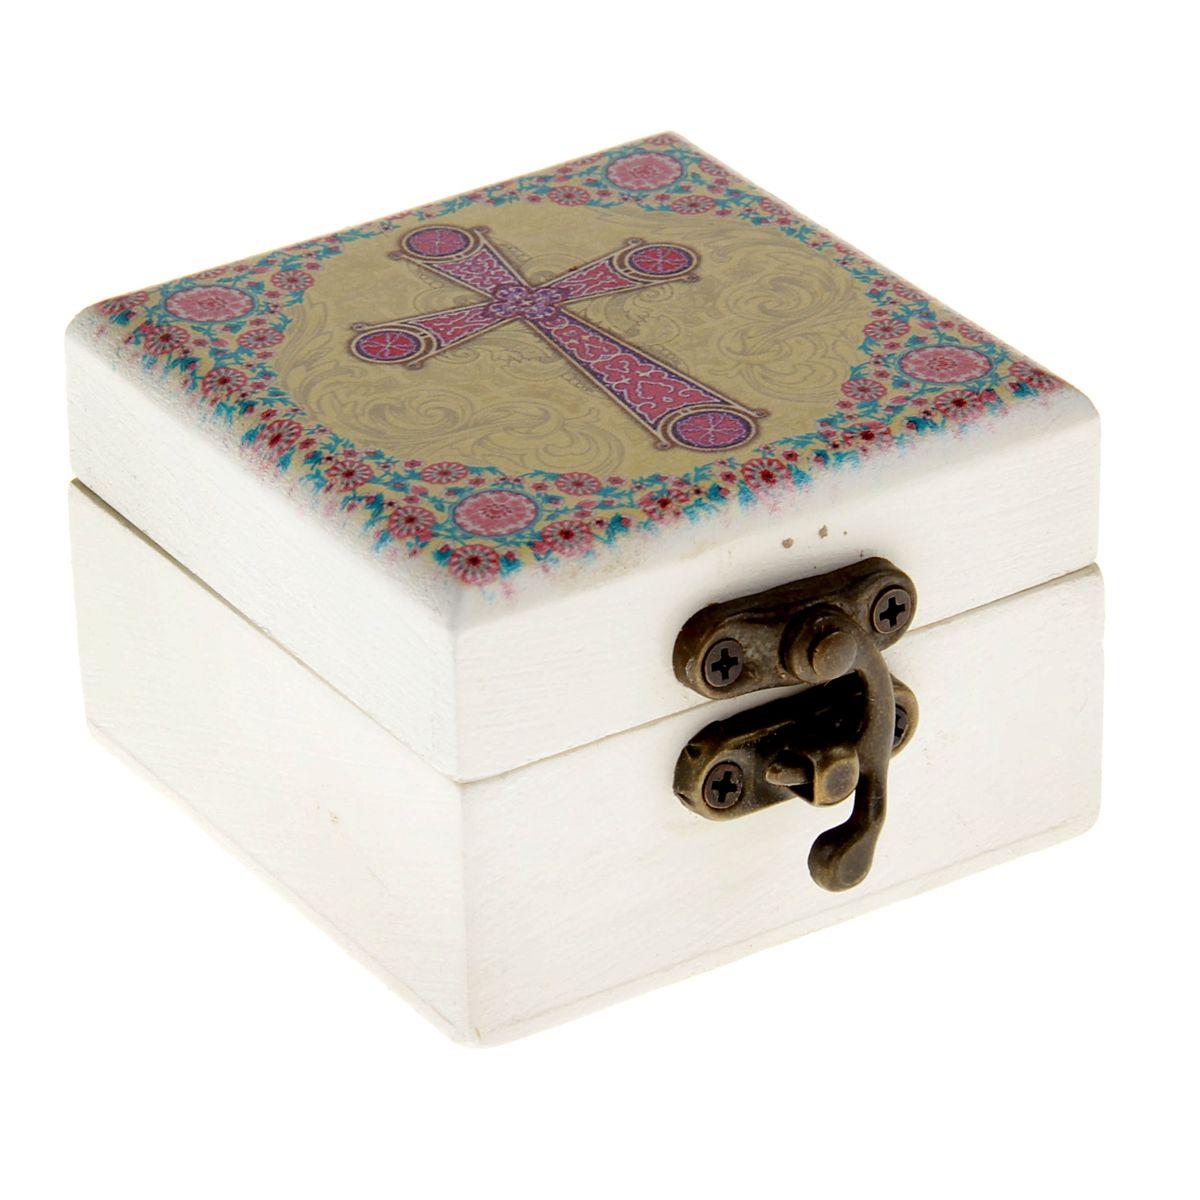 Шкатулка Корсунский крест, 6,5 х 6,5 х 4,5 смFS-80299Шкатулка Корсунский крест, с зеркалом внутри, выполнена из благородного дерева, закрывается металлическим замочком. На крышку нанесено яркое полноцветное изображение Корсунского креста. Корсунский крест - русское название четырехконечного креста, относящегося к древнему византийскому типу. Свое название получил от Корсуни (Херсонеса), где крестился князь Владимир и откуда привез такие кресты в Киев. Древнейший экземпляр такого креста находится в Успенском соборе. Такая шкатулка будет достойным вместилищем для милых сердцу мелочей, каких-то святынь, которые есть у каждого. Станет прекрасным подарком с духовной составляющей для любого не только верующего человека.